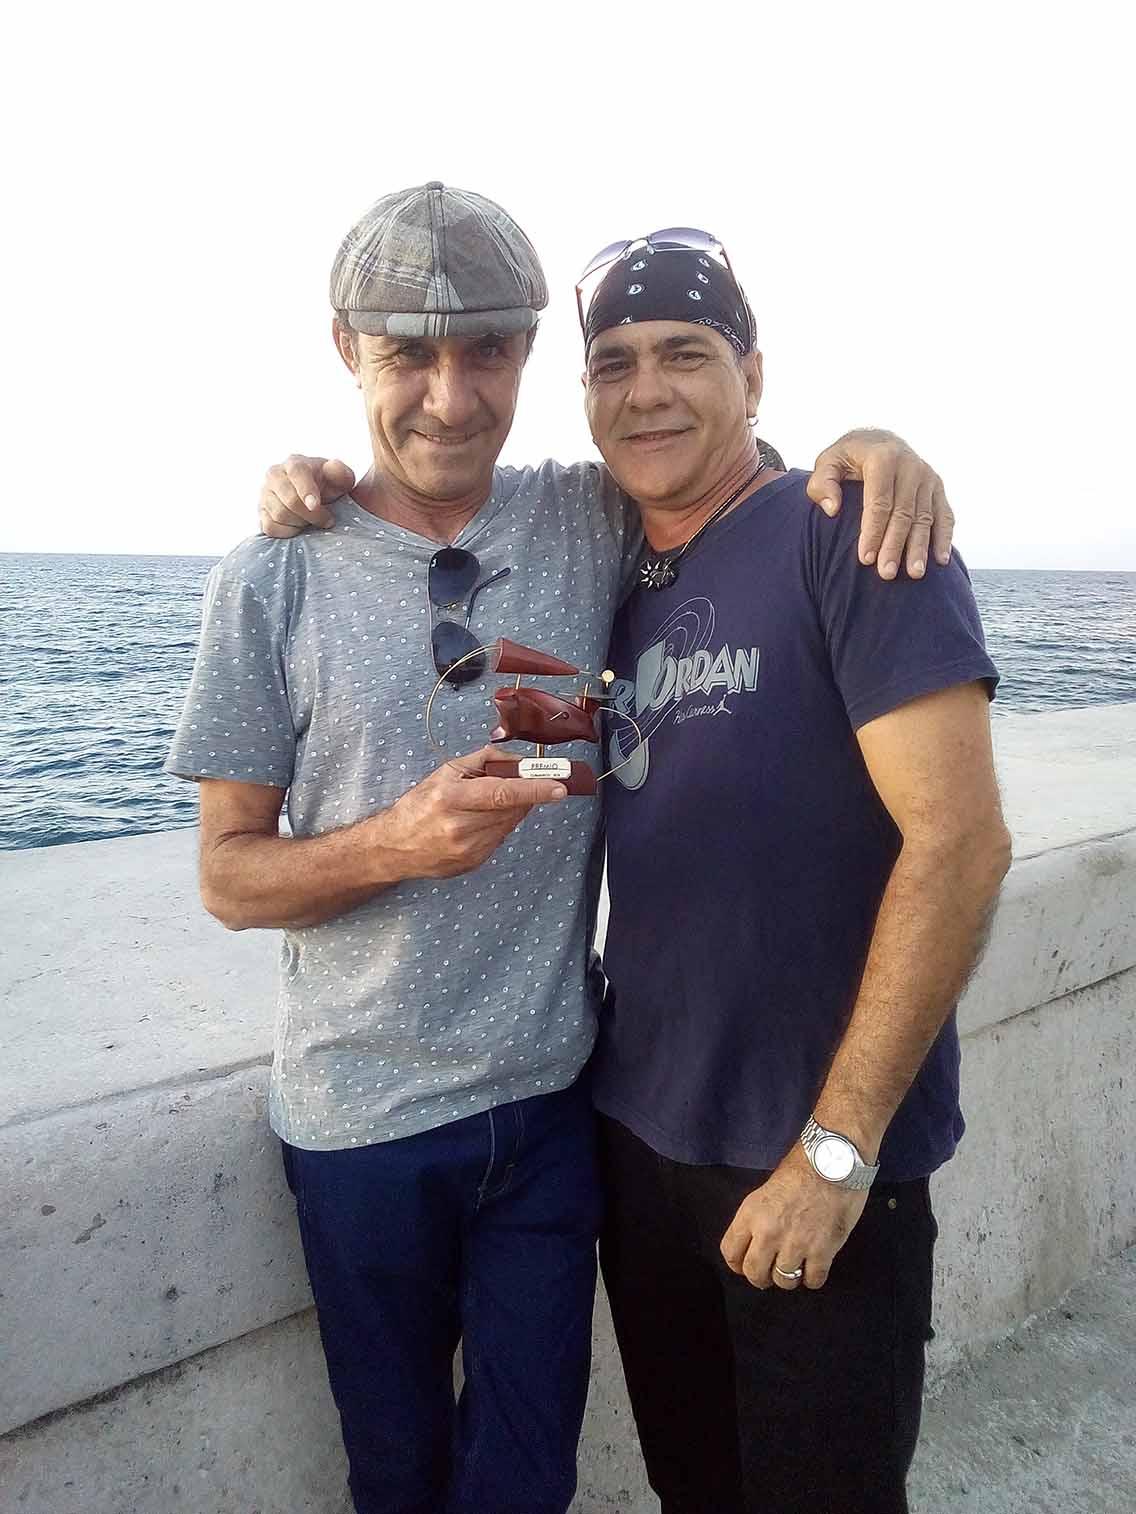 Roberto Keko Fajardo y Javier Rodríguez con Premio Cubadisco 2018. Foto Carlos Fornés